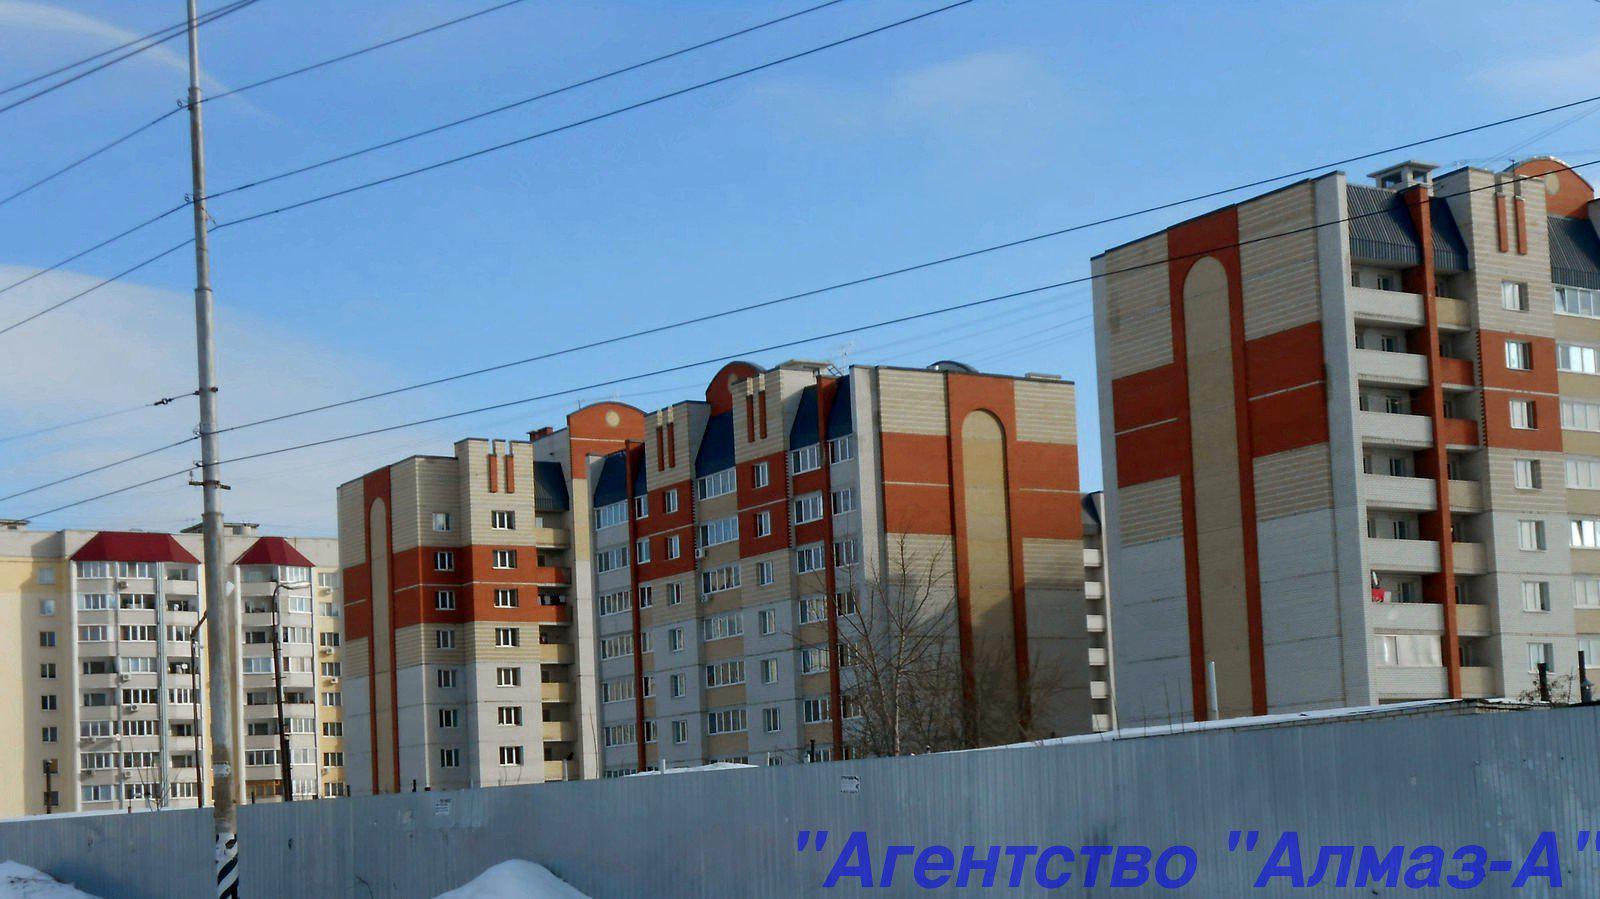 Саратов, Заводской район, улица Орджоникидзе